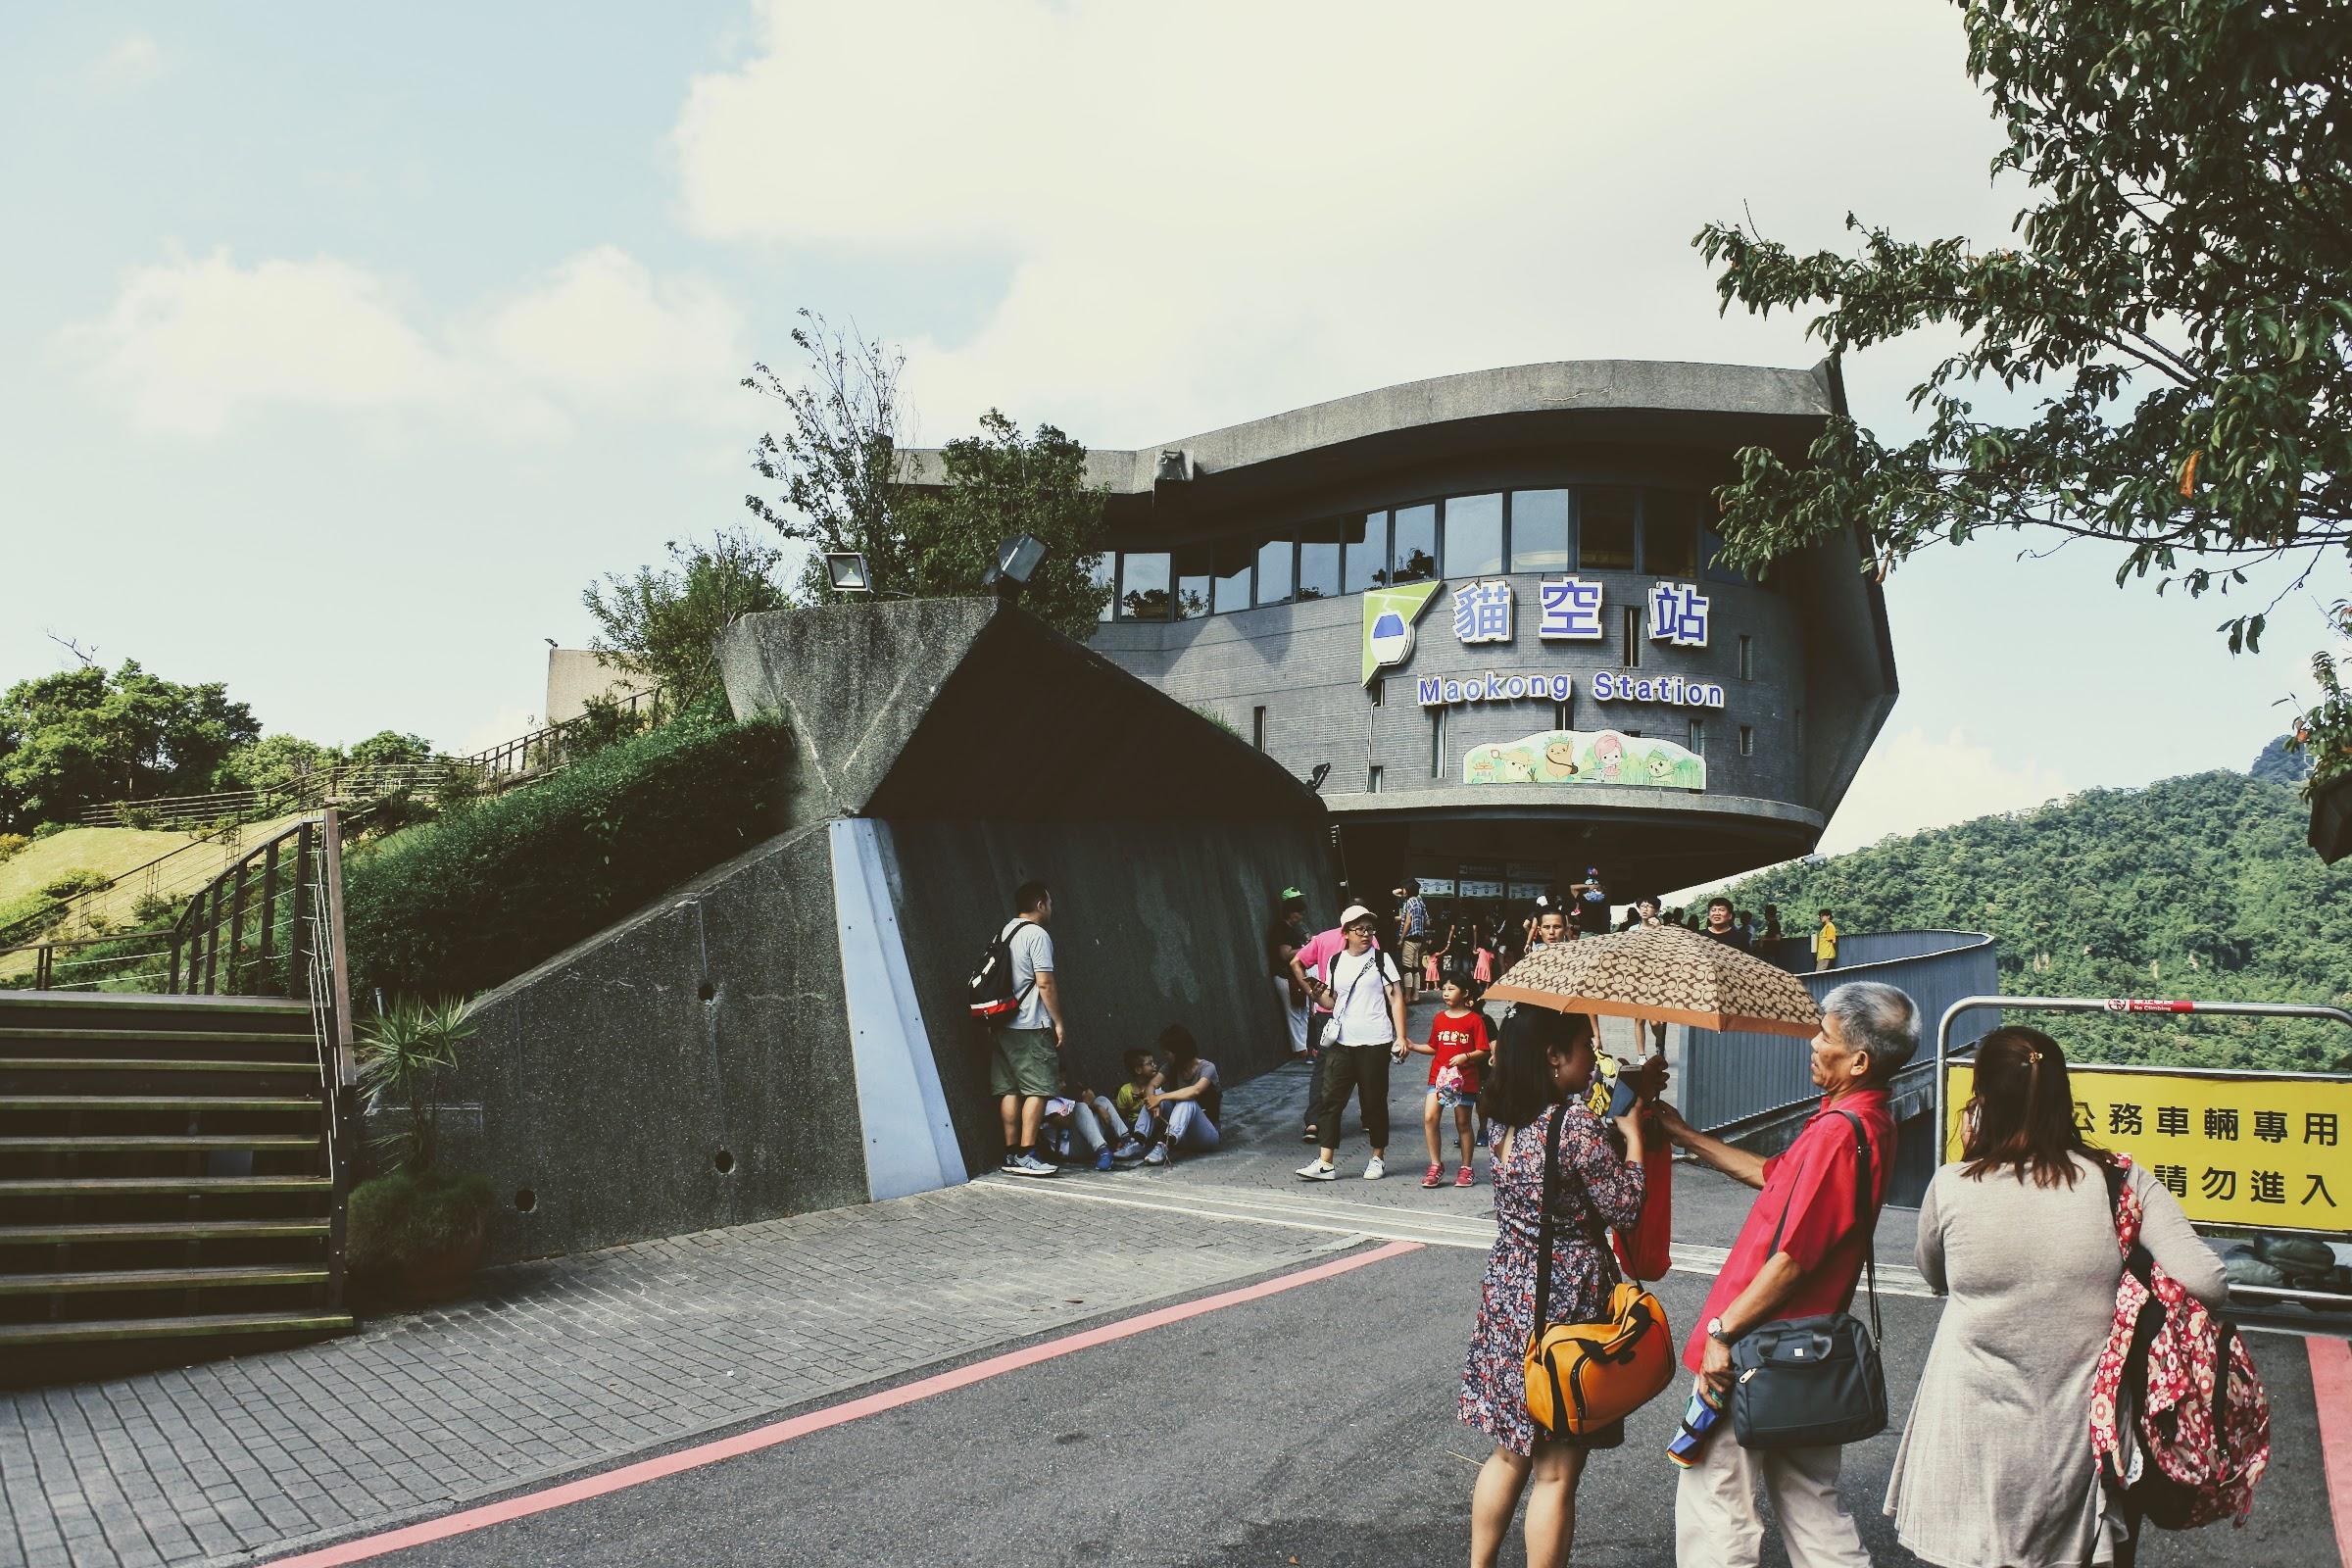 Maokong station